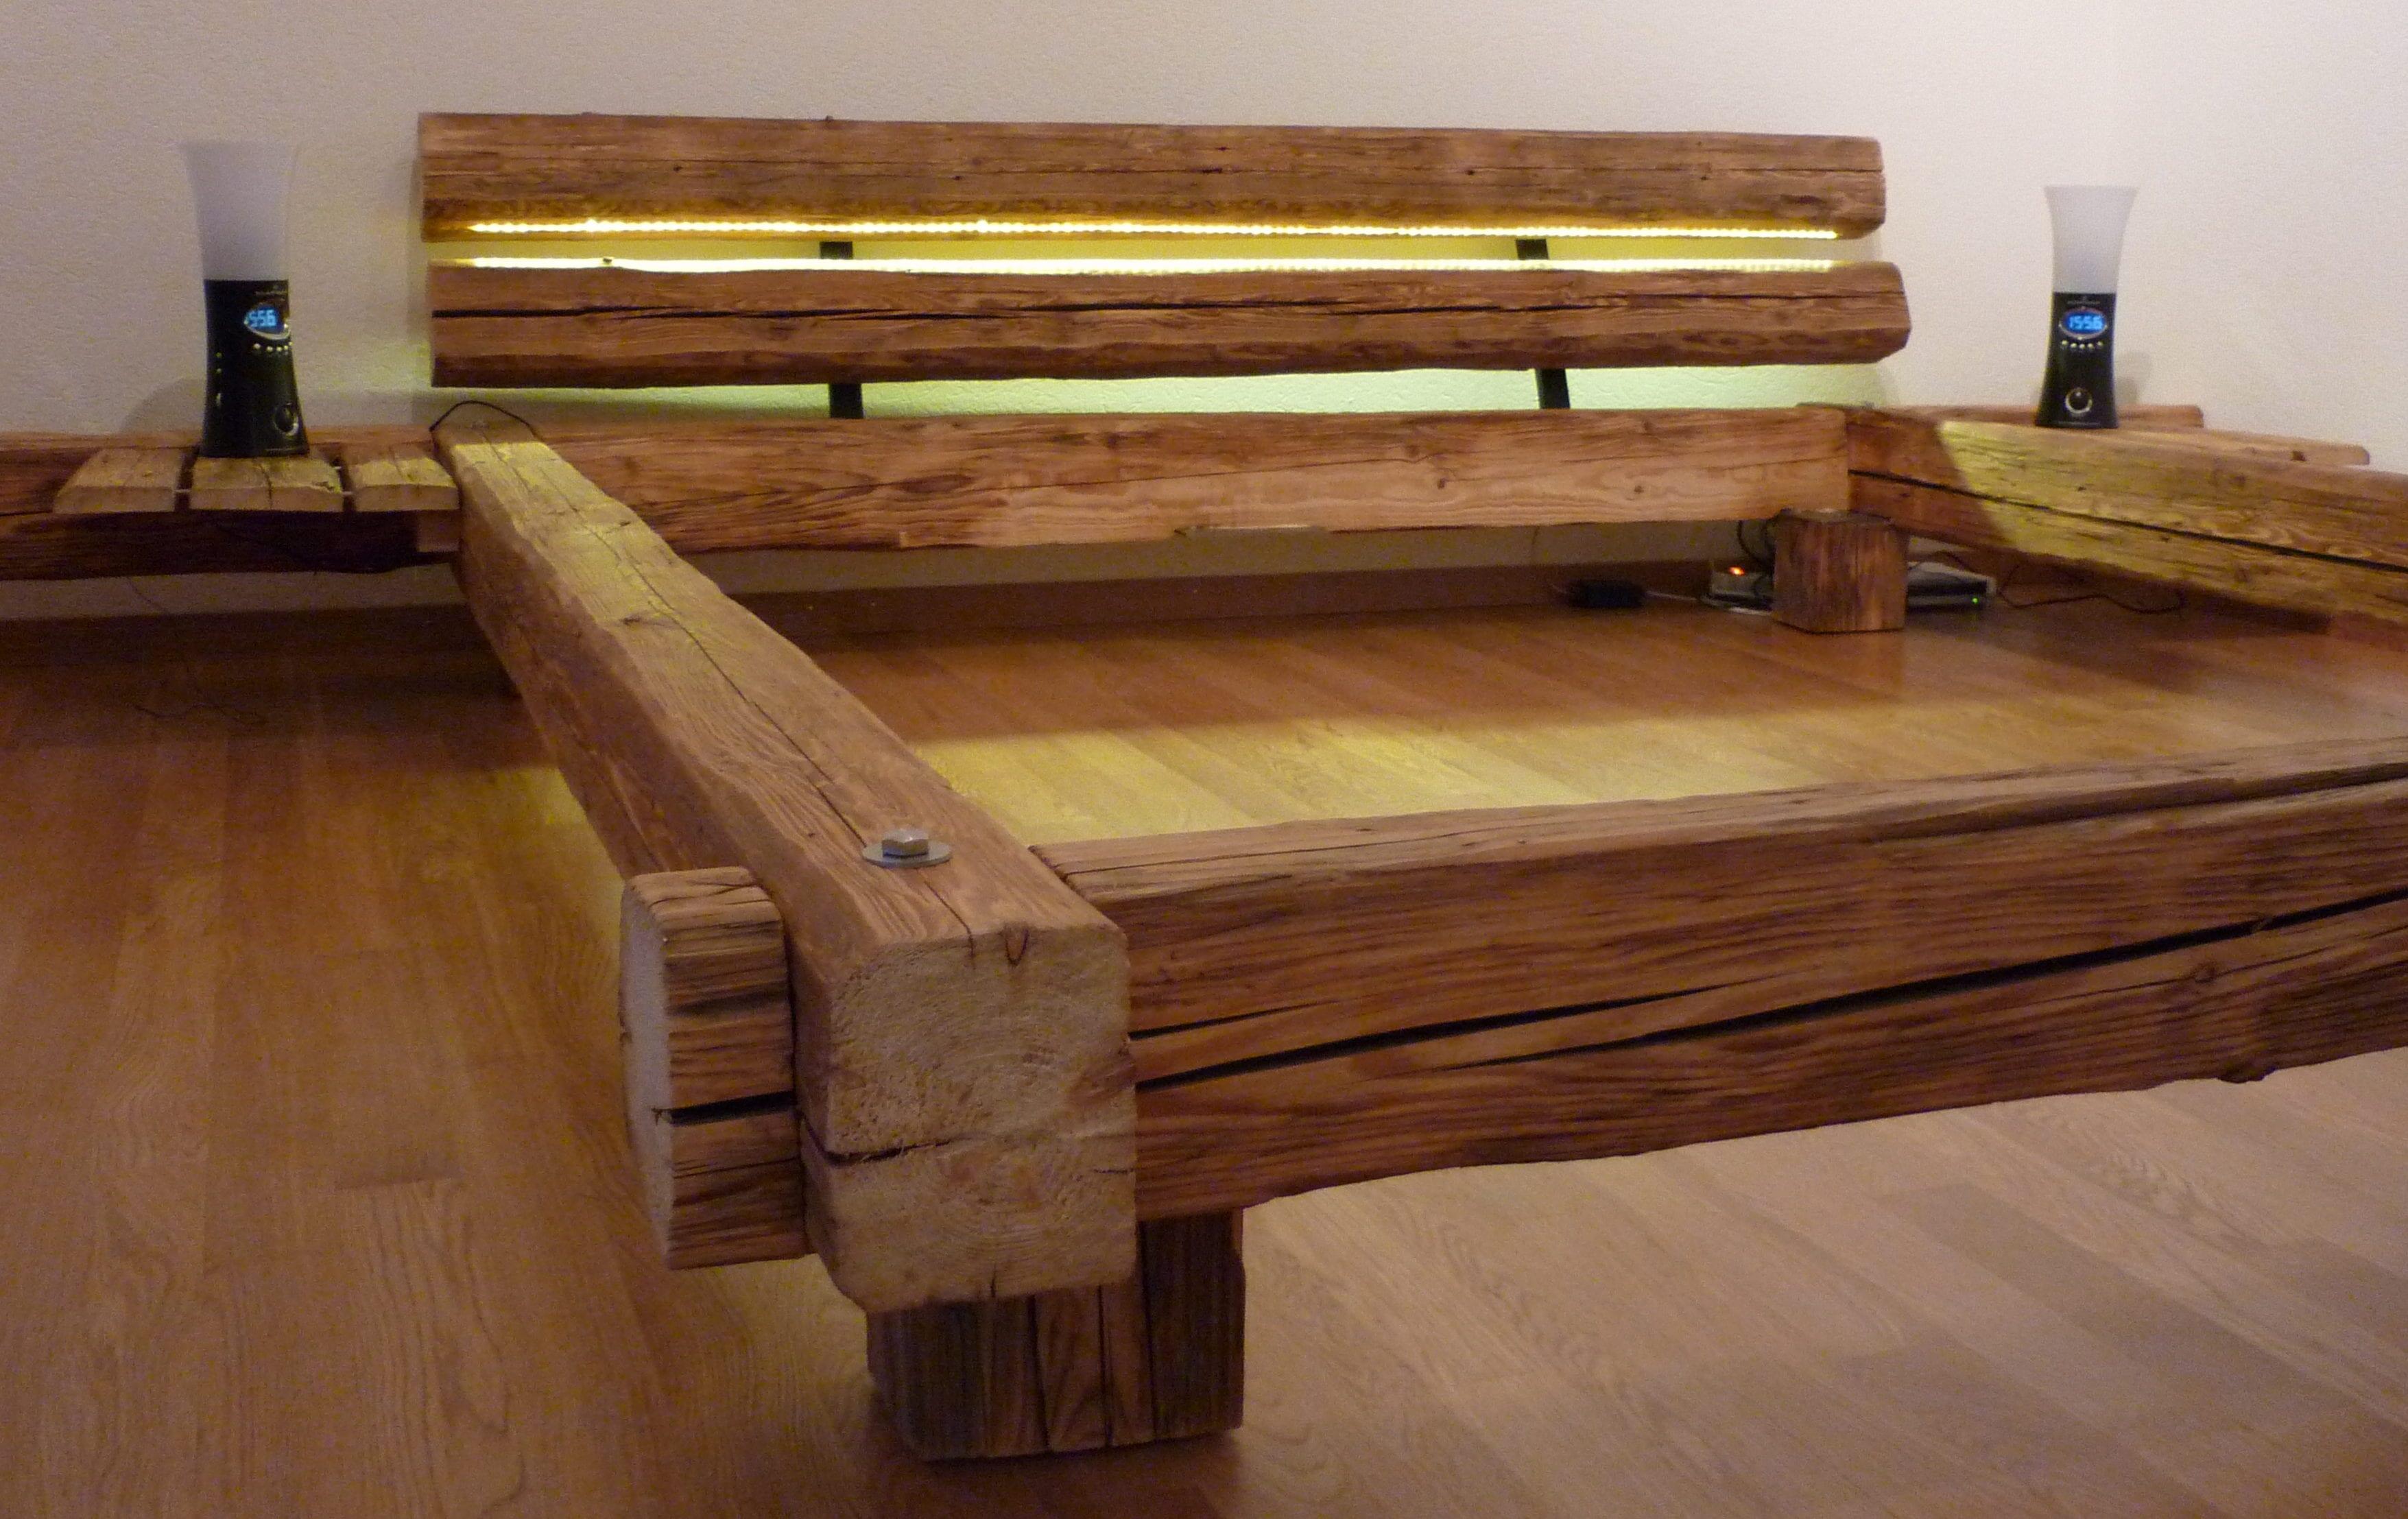 bett massivholz selber bauen mit beleuchtetem kopfteil für gemütliche schlafzimmer einrichtung